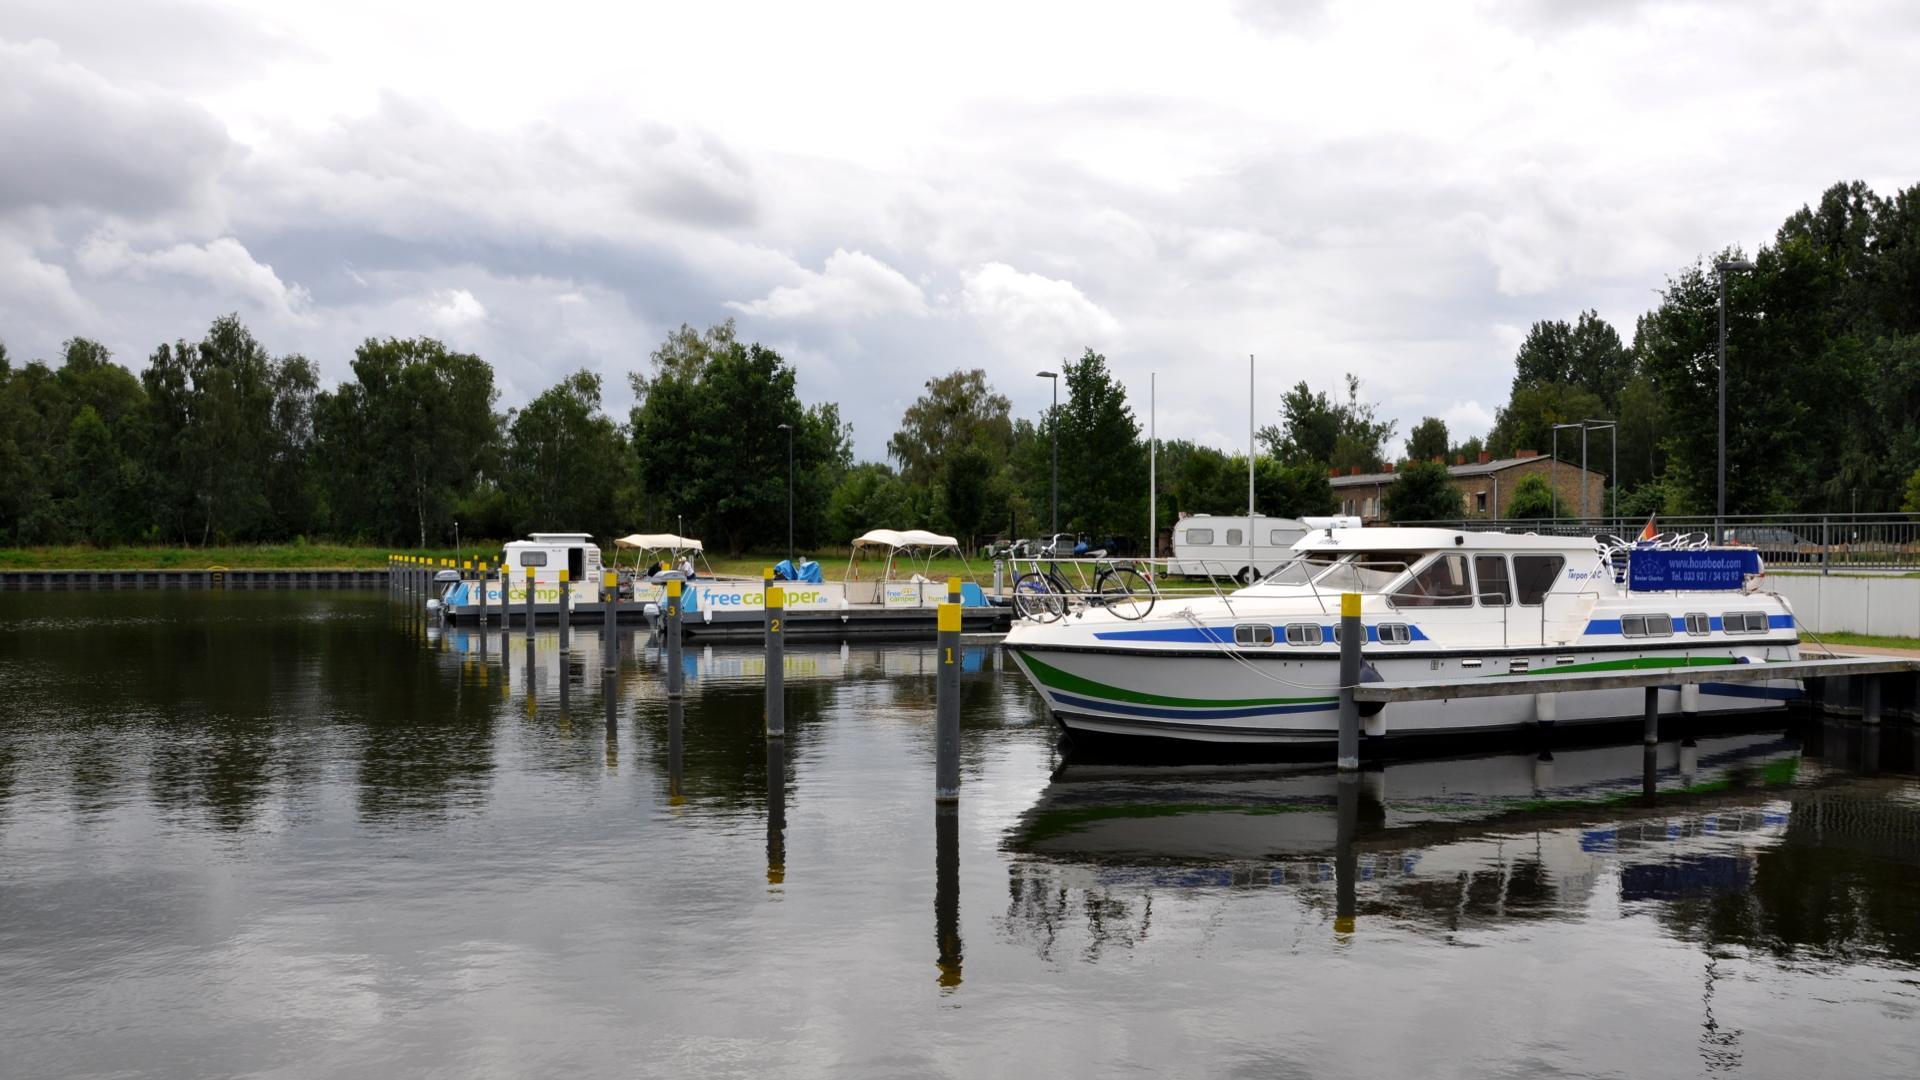 Neueroeffnung-Marina-Neuer-Hafen-Brandenburg-Mildenberg-06